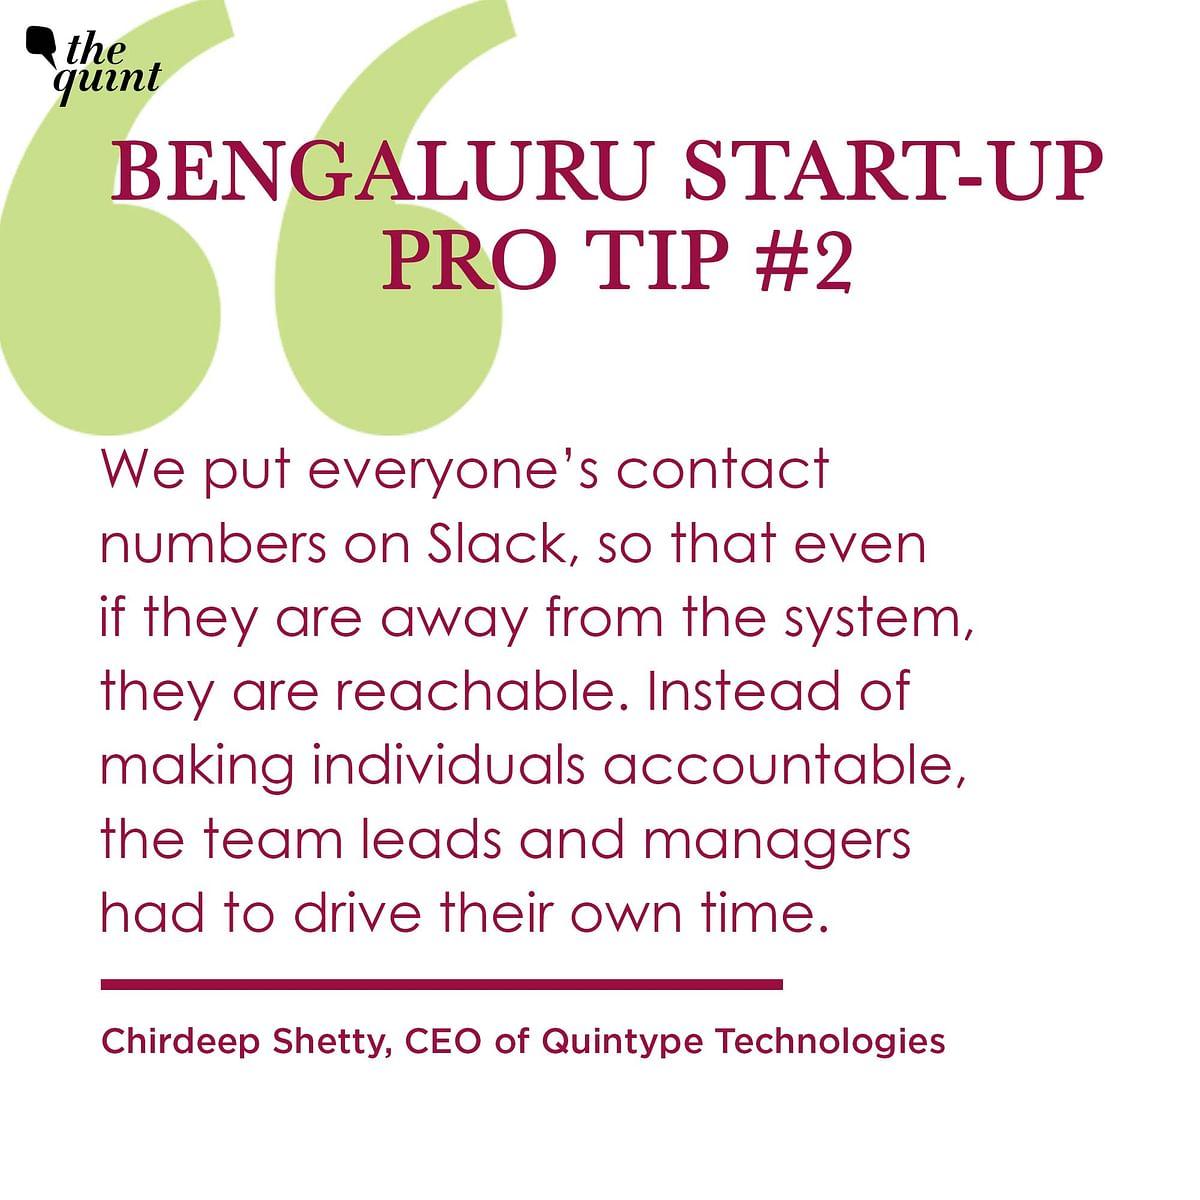 Working From Home Amid Coronavirus? Do It Bengaluru Start-Ups Way